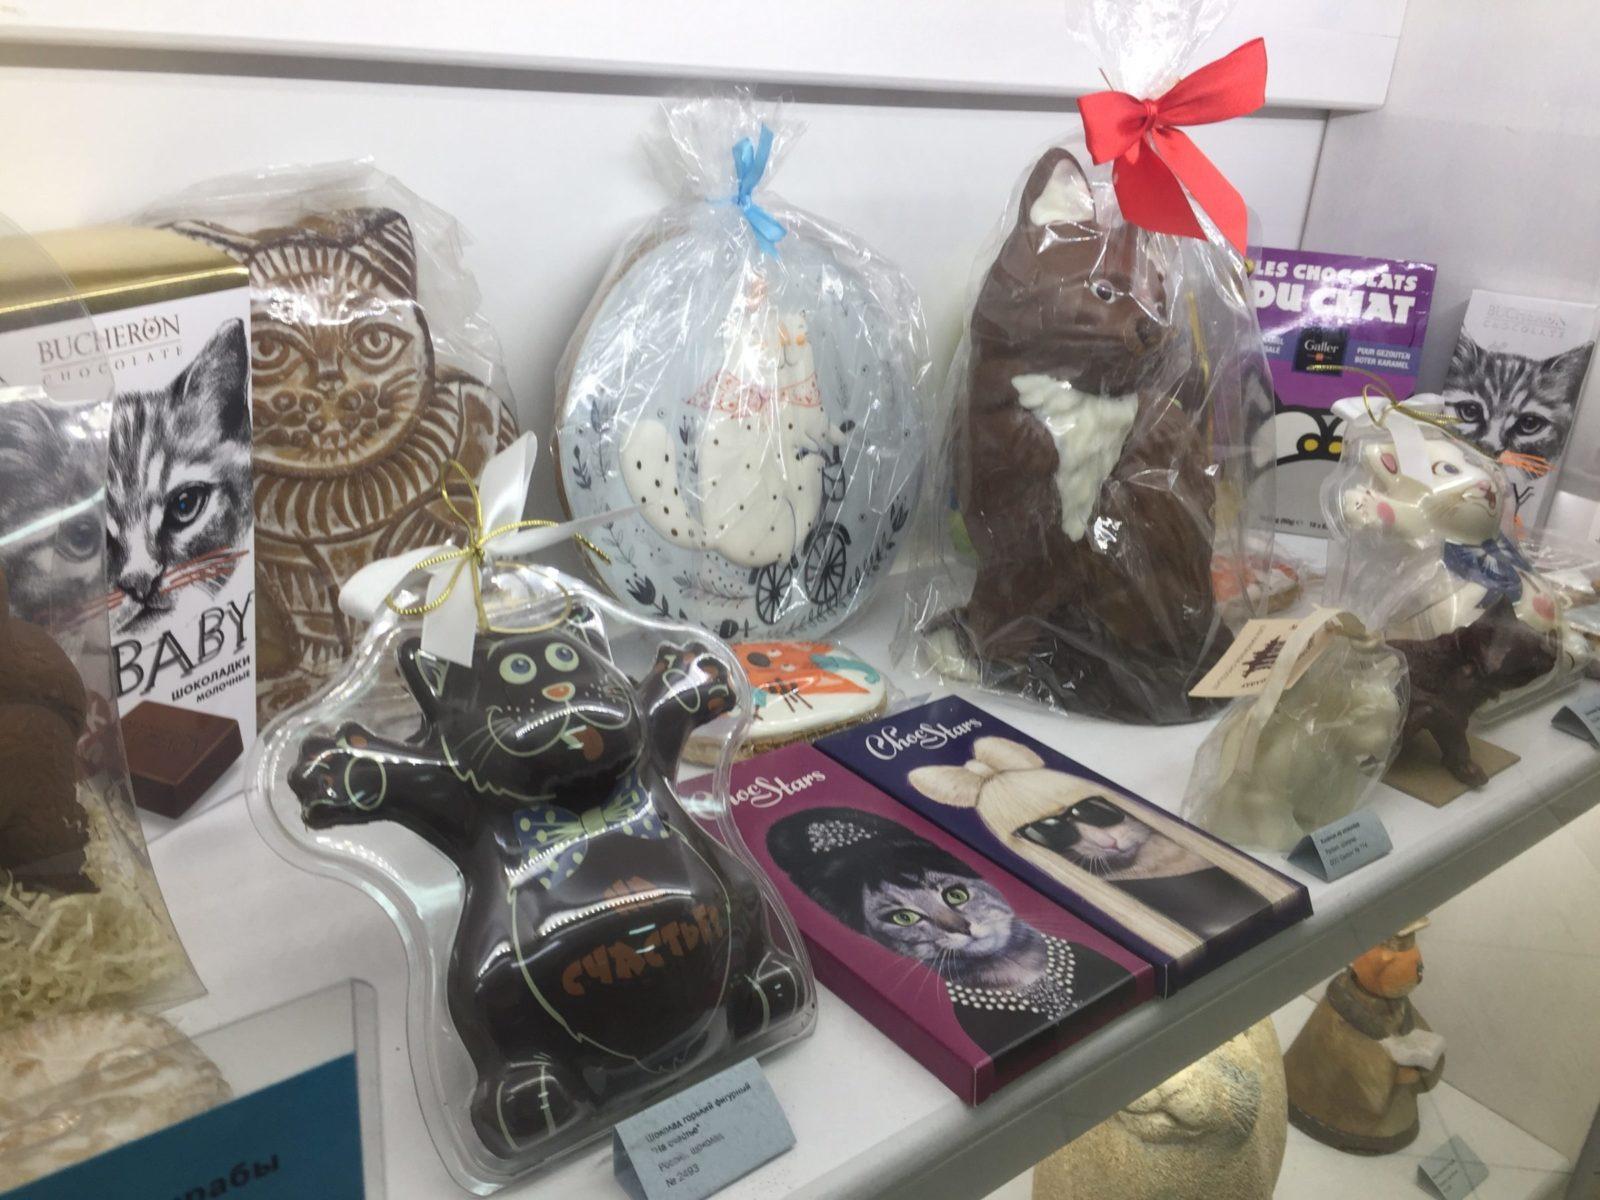 Шоколад и другие сладости, на которых изображены коты. Фото: Ирина КОМИК